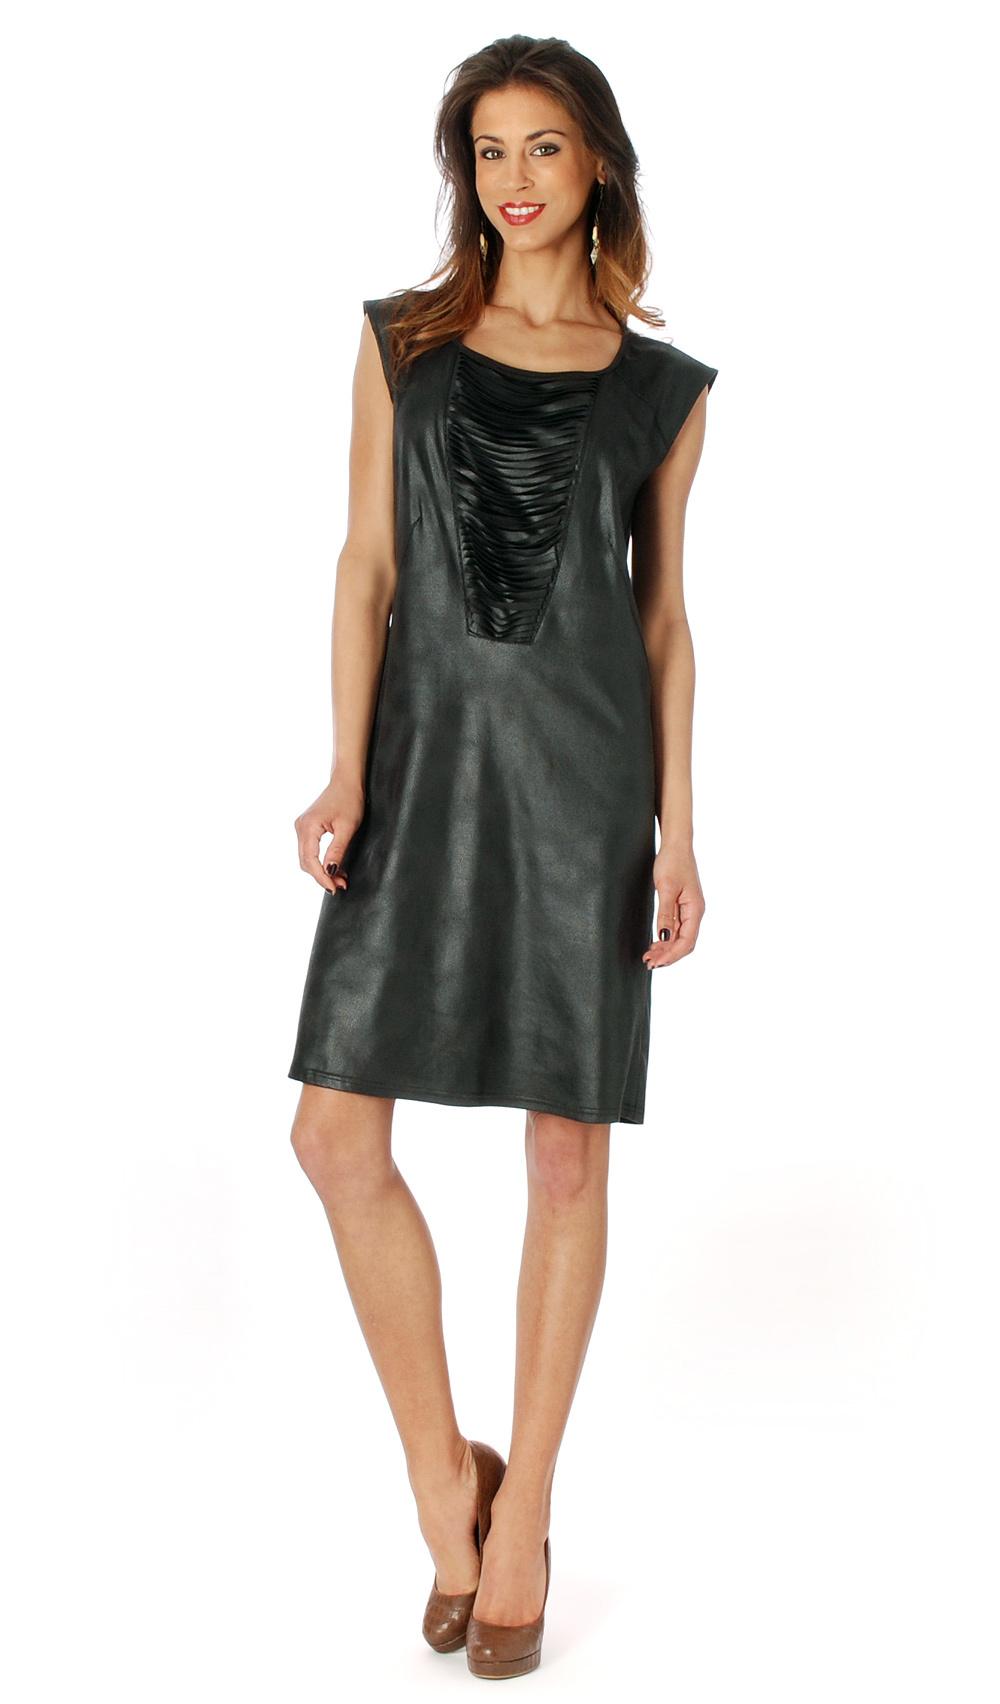 Femme Je Vous Paris: Midnight Suede Sexy Dress (Few Left!) FMJV_SUEDE